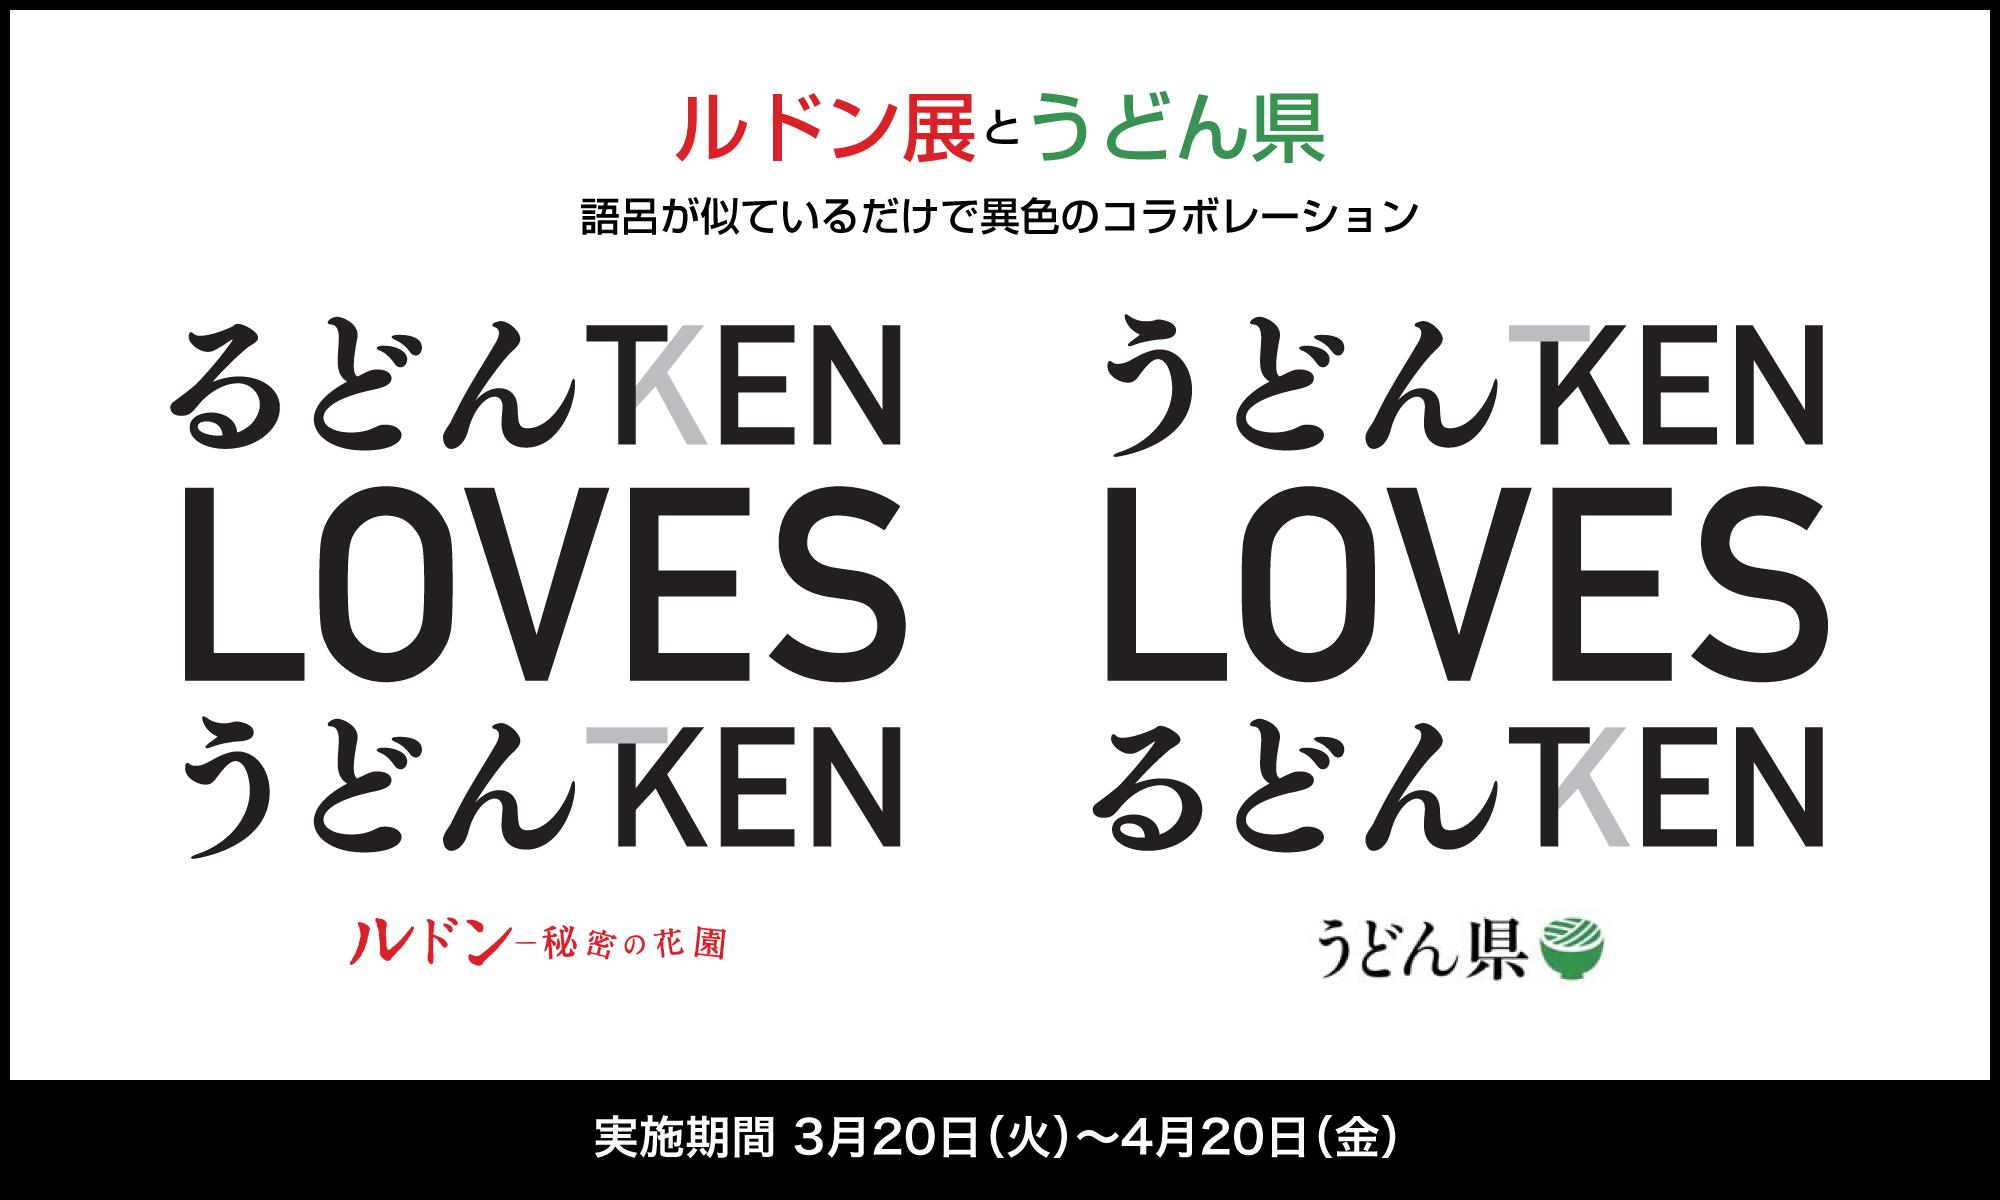 三菱一号館美術館(東京・丸の内)でルドン展 LOVES うどん県。うどん県民は無料、香川に行ったことがある人はオリジナルバッジが貰える、香川県から行くとうどんやボールペンが貰える。~4/20。